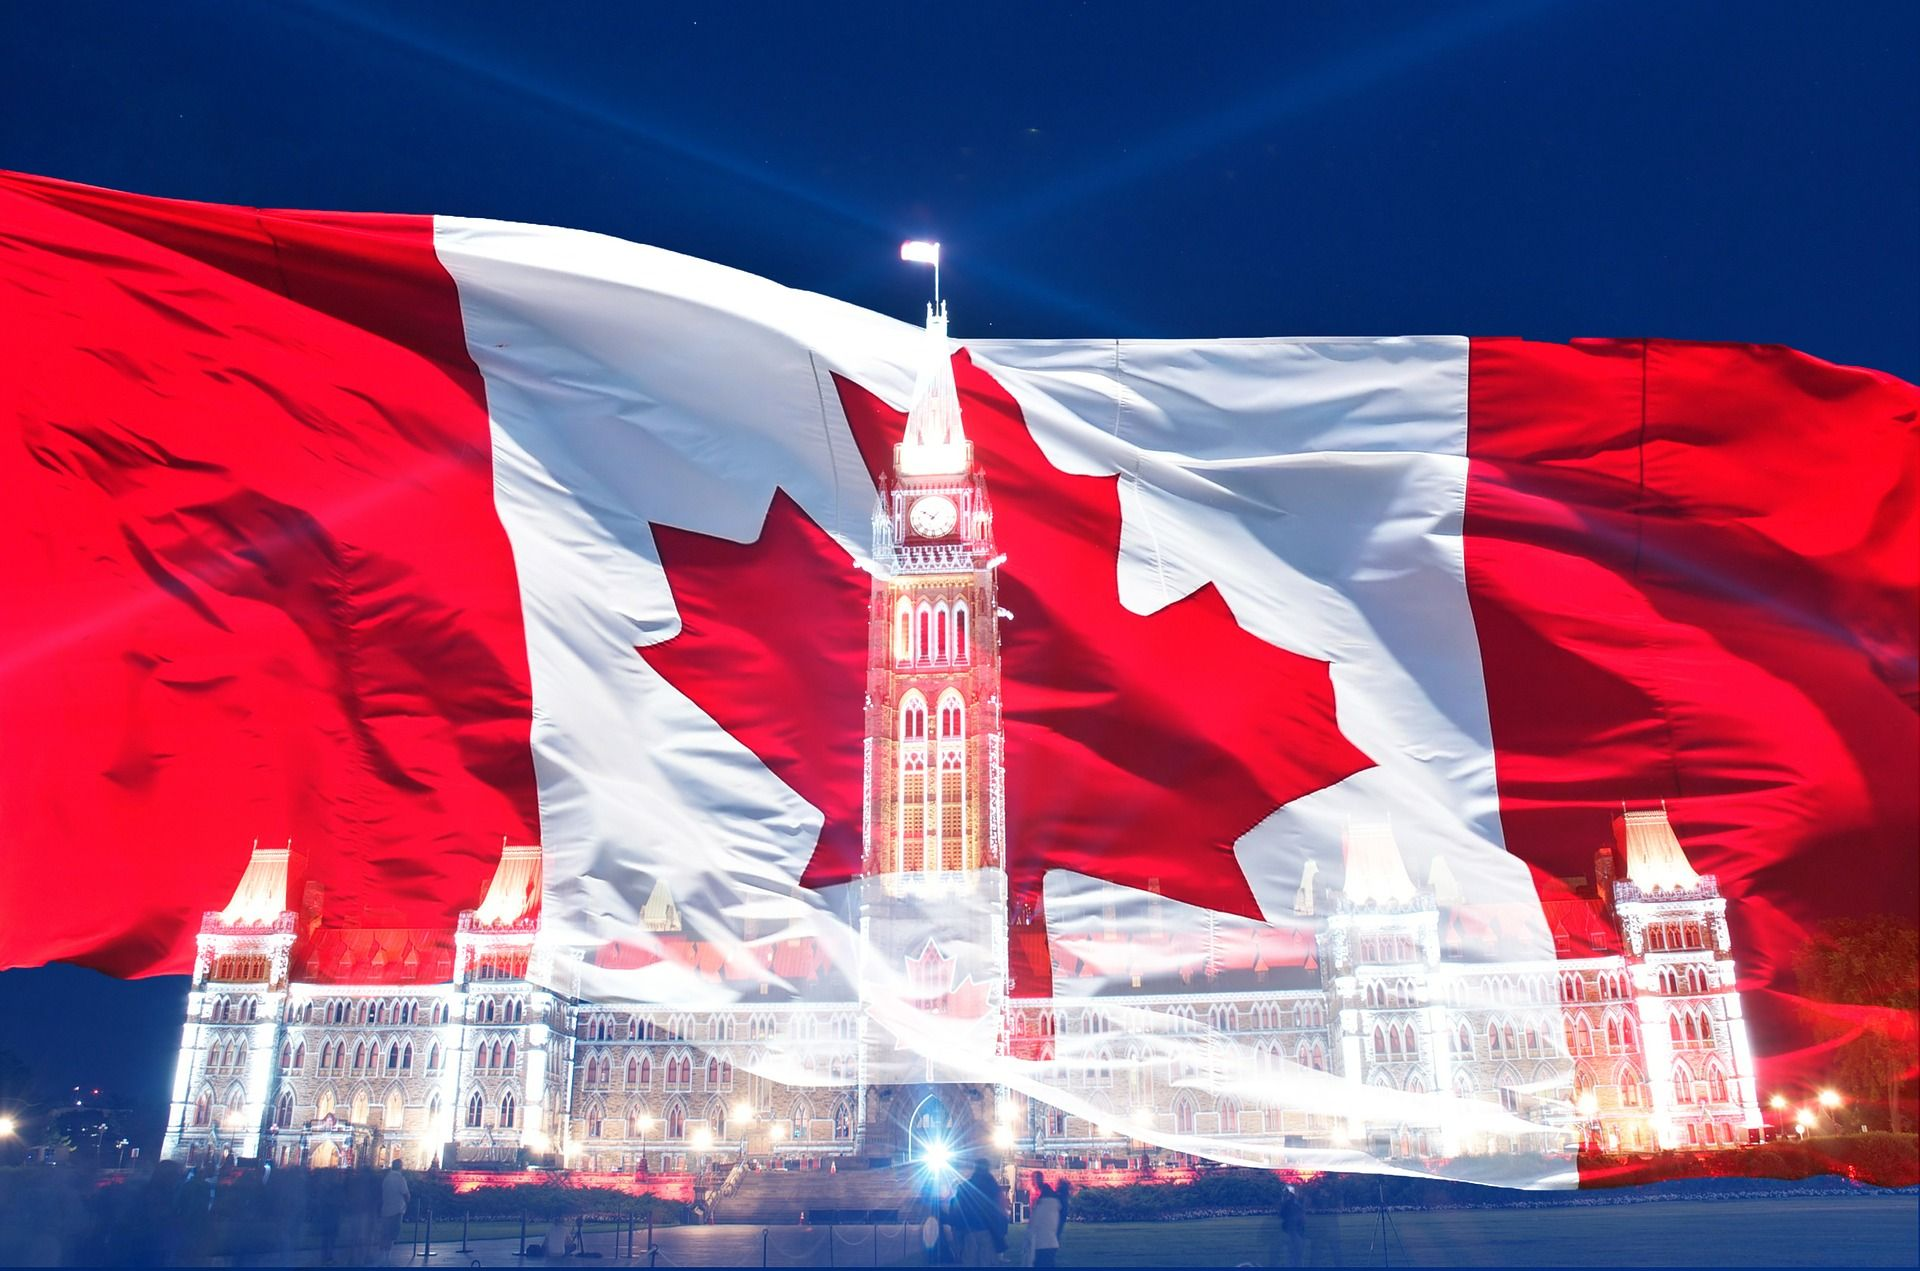 SME SHIPPING บริการส่งของไปแคนาดา ส่งพัสดุไปแคนาดา เราทำให้การส่งของเป็นเรื่องง่ายแค่ปลายนิ้ว ส่งของจากไทยไปแคนาดา ส่งของไป Canada อัตราค่าส่งของไปแคนาดา ค่าส่งของไปแคนาดา อัตราค่าส่งพัสดุไปแคนาดา ค่าส่งพัสดุไปแคนาดา ค่าส่งไปรษณีย์ไปแคนาดา ส่ง EMS ไปแคนาดา ส่งของไปแคนาดาทางเครื่องบิน ส่งของไปแคนาดาทางเรือ วิธีส่งของไปแคนาดา ส่งจดหมายไปแคนาดา ส่งเอกสารไปแคนาดา ส่งอาหารไปแคนาดา